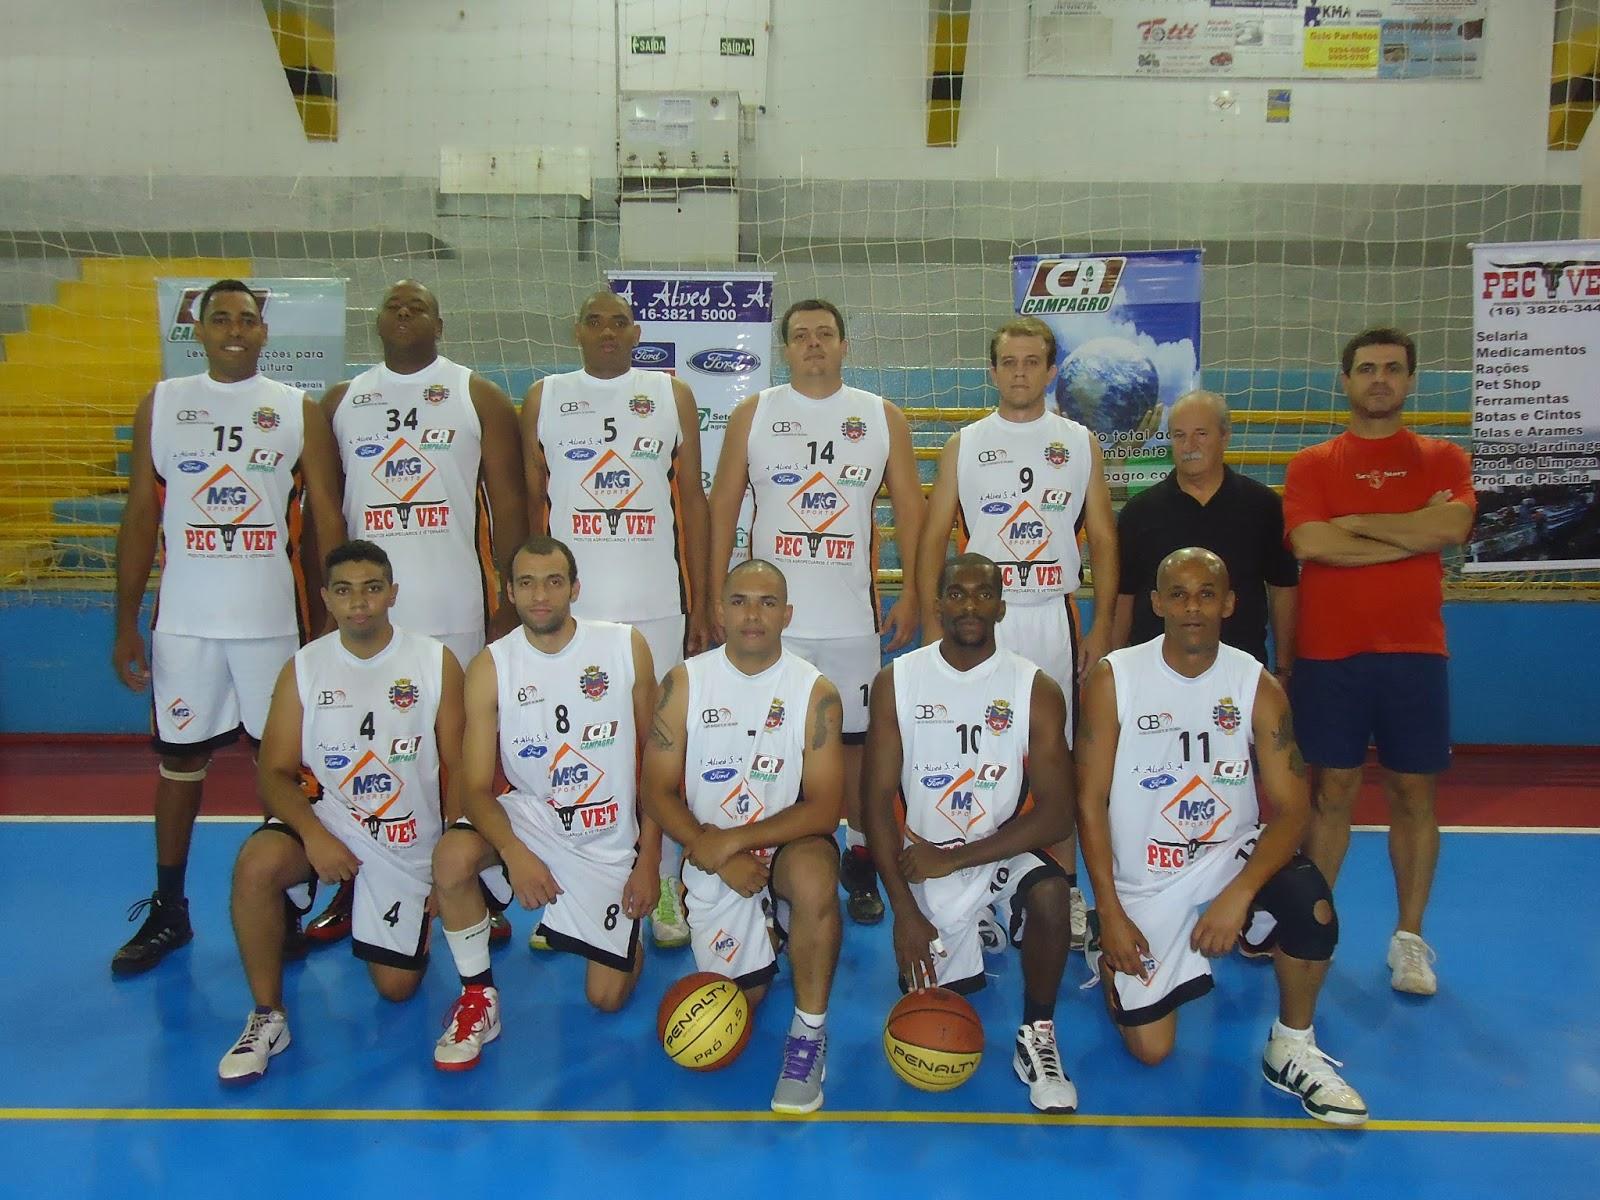 Clube do Basquete de Orlândia é eliminado da Liga Regional de Ribeirão Preto